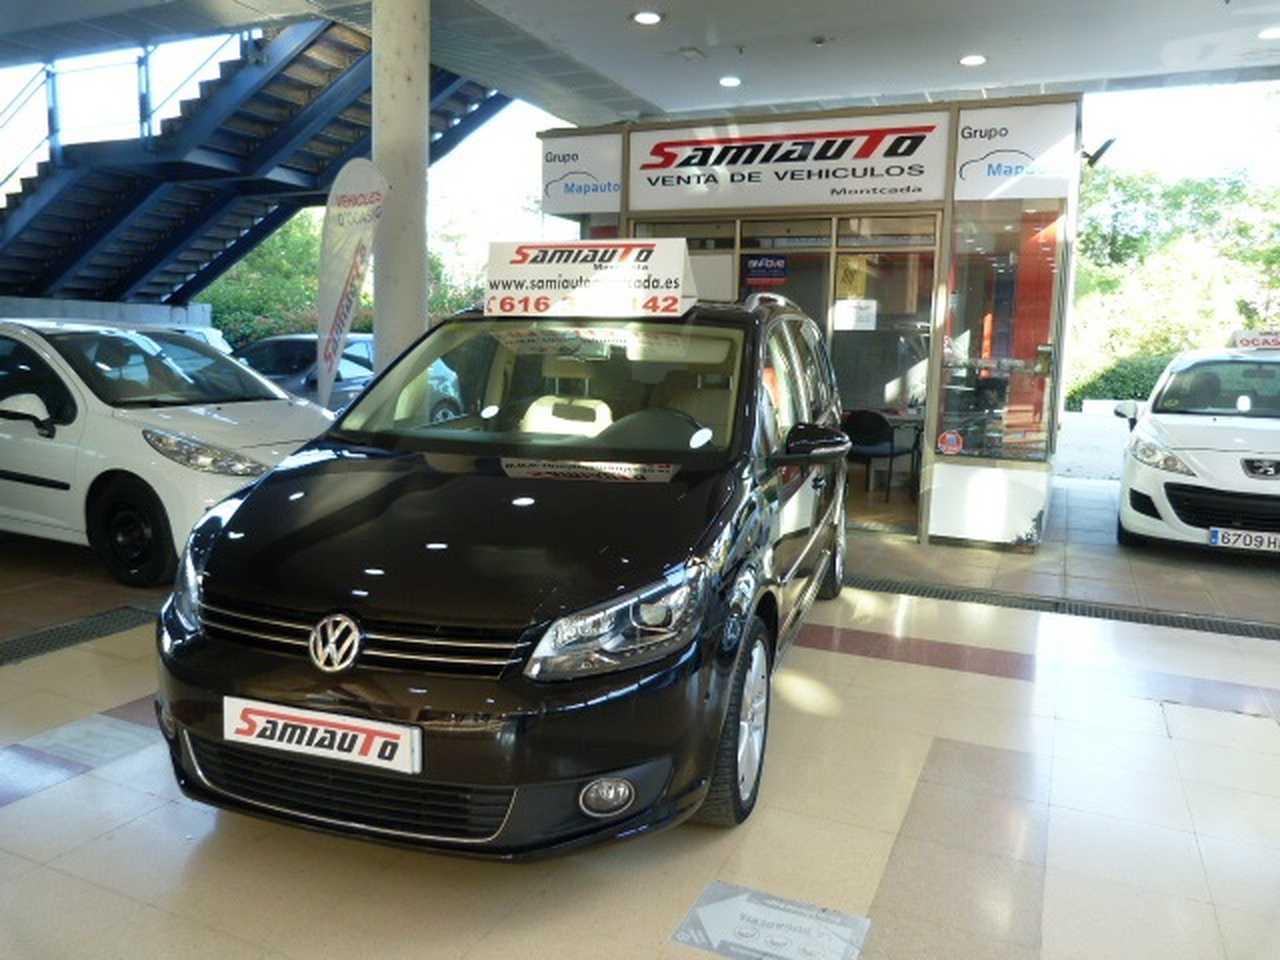 Volkswagen Touran Touran 2.0 TDI 140cv DSG Sport 5p UN SOLO PROPIETARIO LIBRO DE REVISIONES  - Foto 1